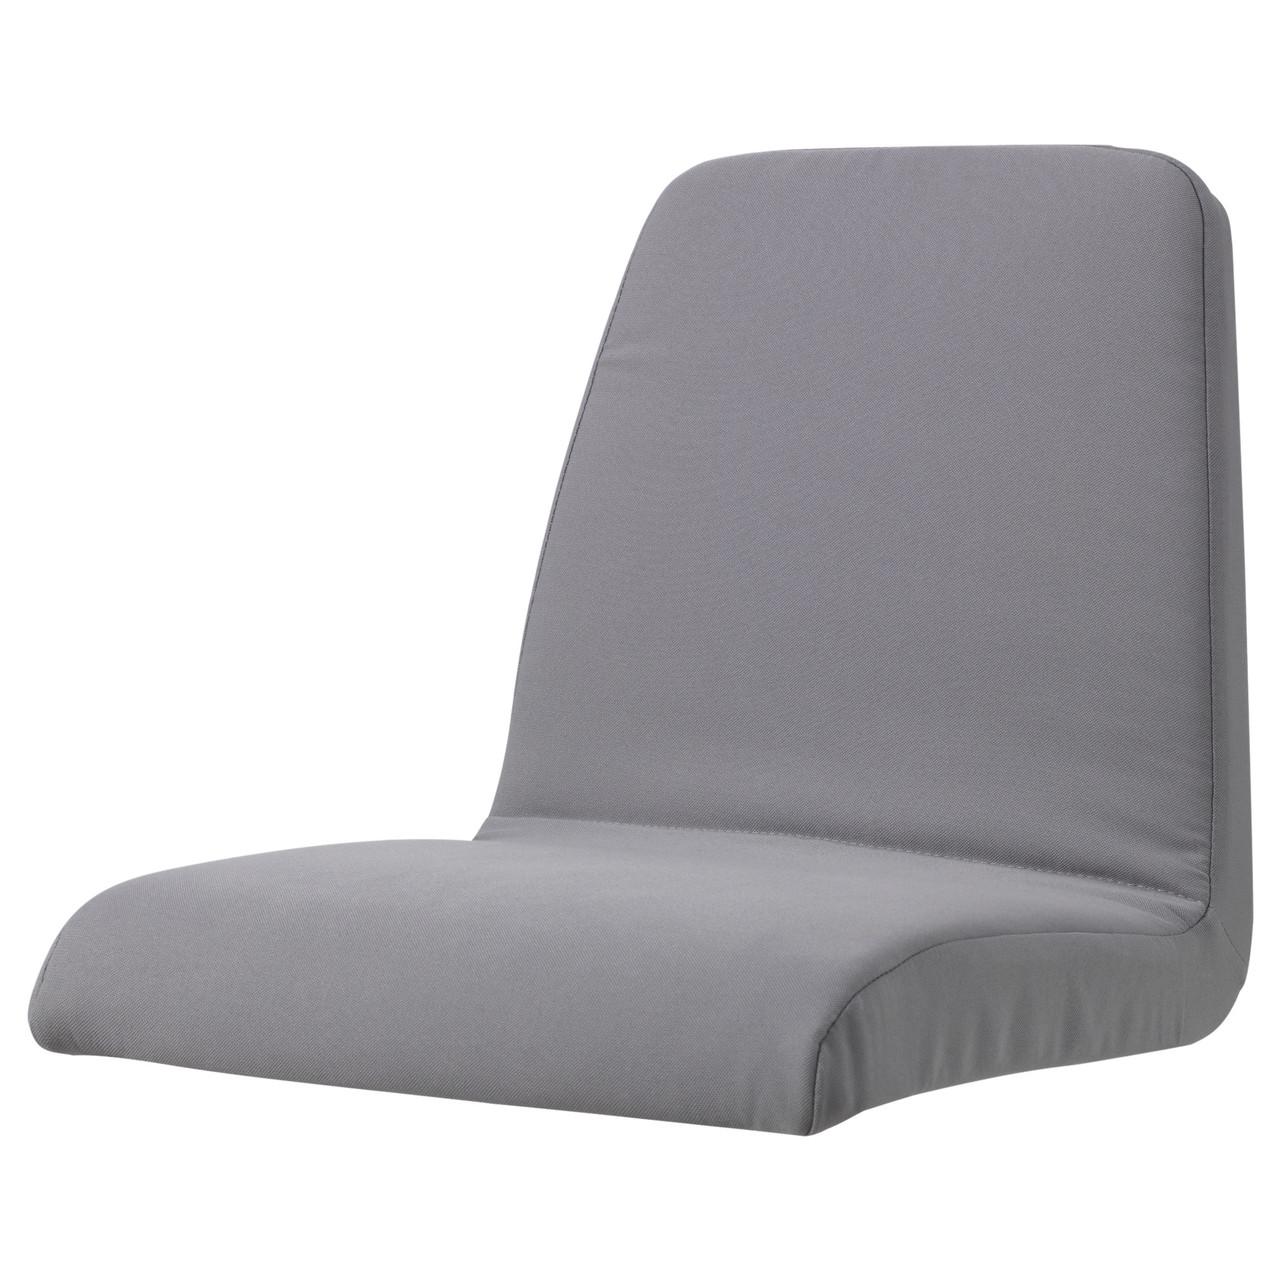 ЛАНГУР Мягкий чехол детского стула, серый